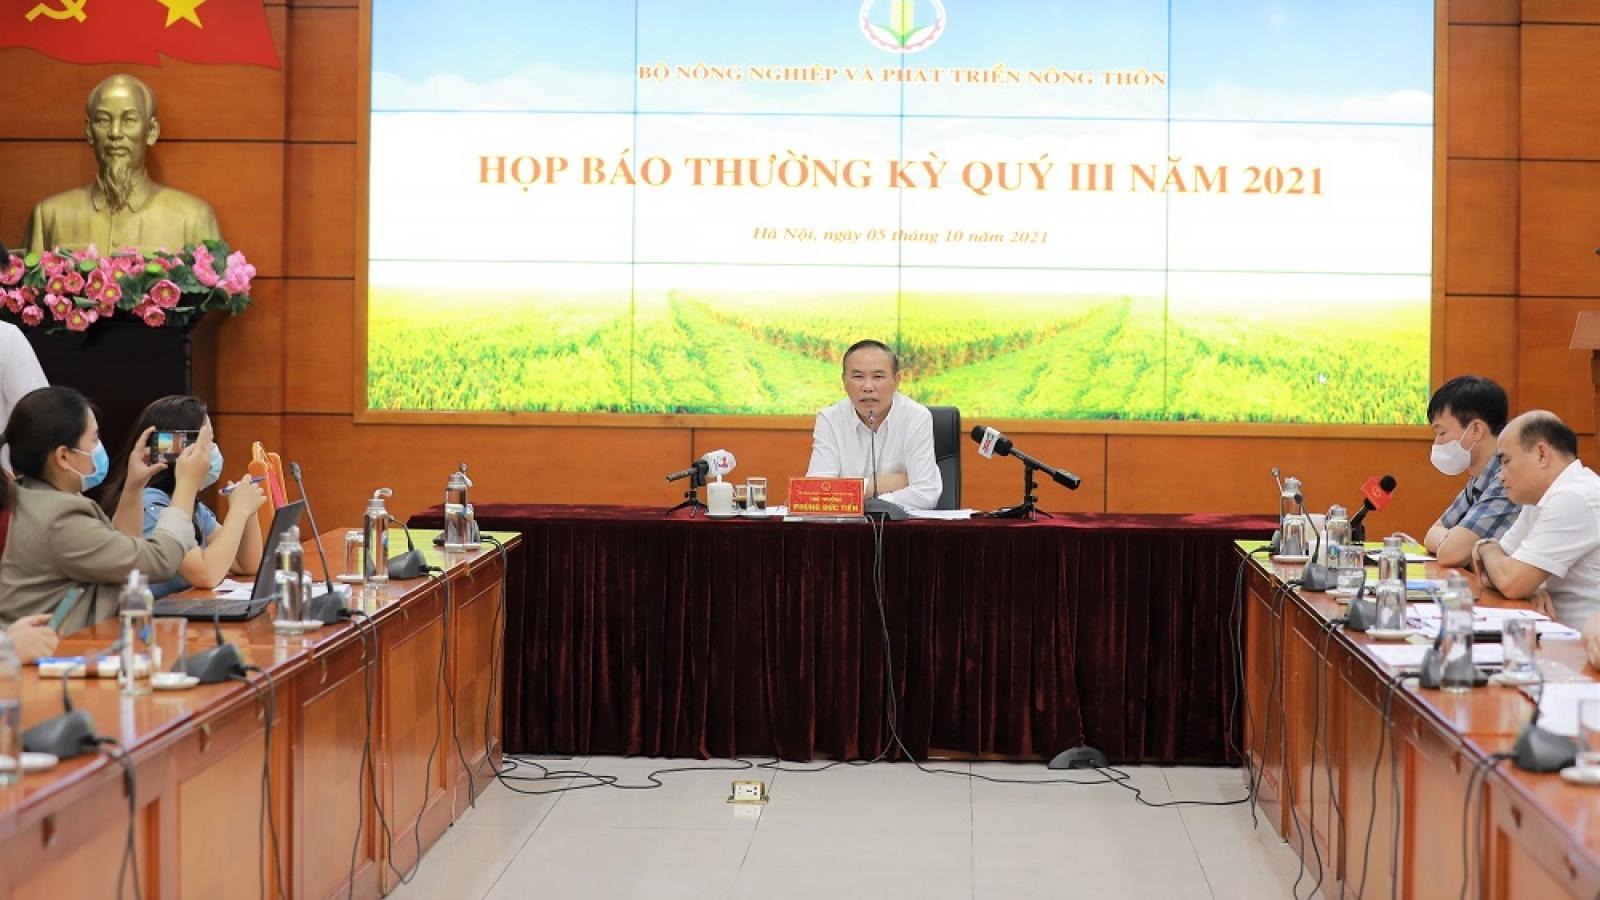 Chăn nuôi và thủy sản sẽ là 2 lĩnh vực để nông nghiệp duy trì tăng trưởng cả năm